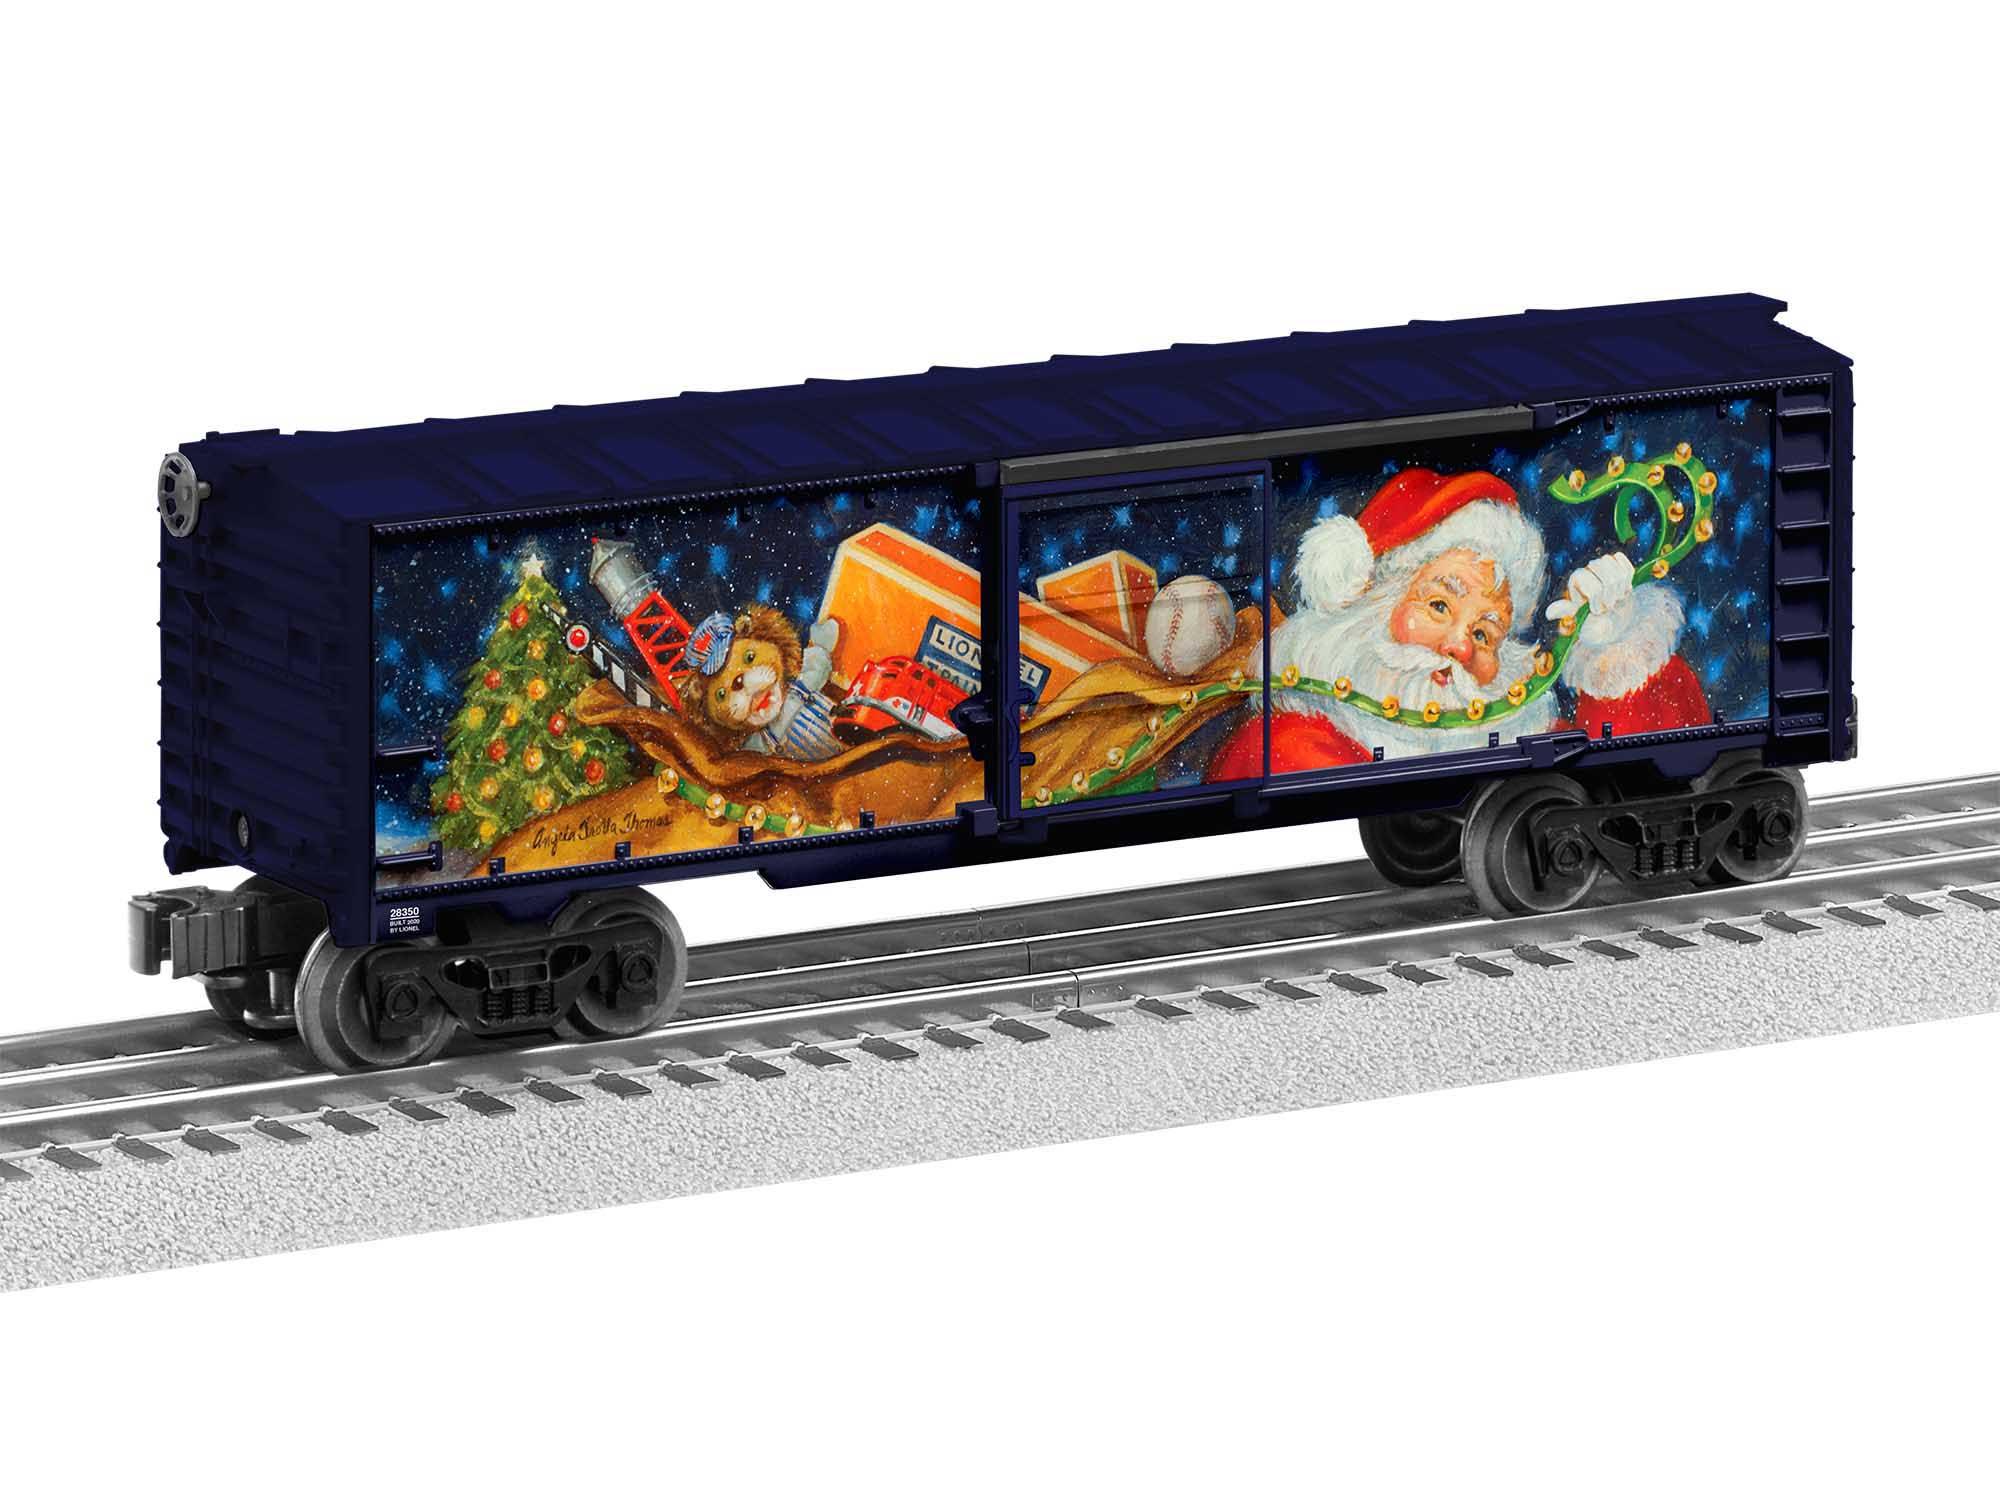 Lionel 2028350 O27 Boxcar Angela Trotta Thomas Christmas